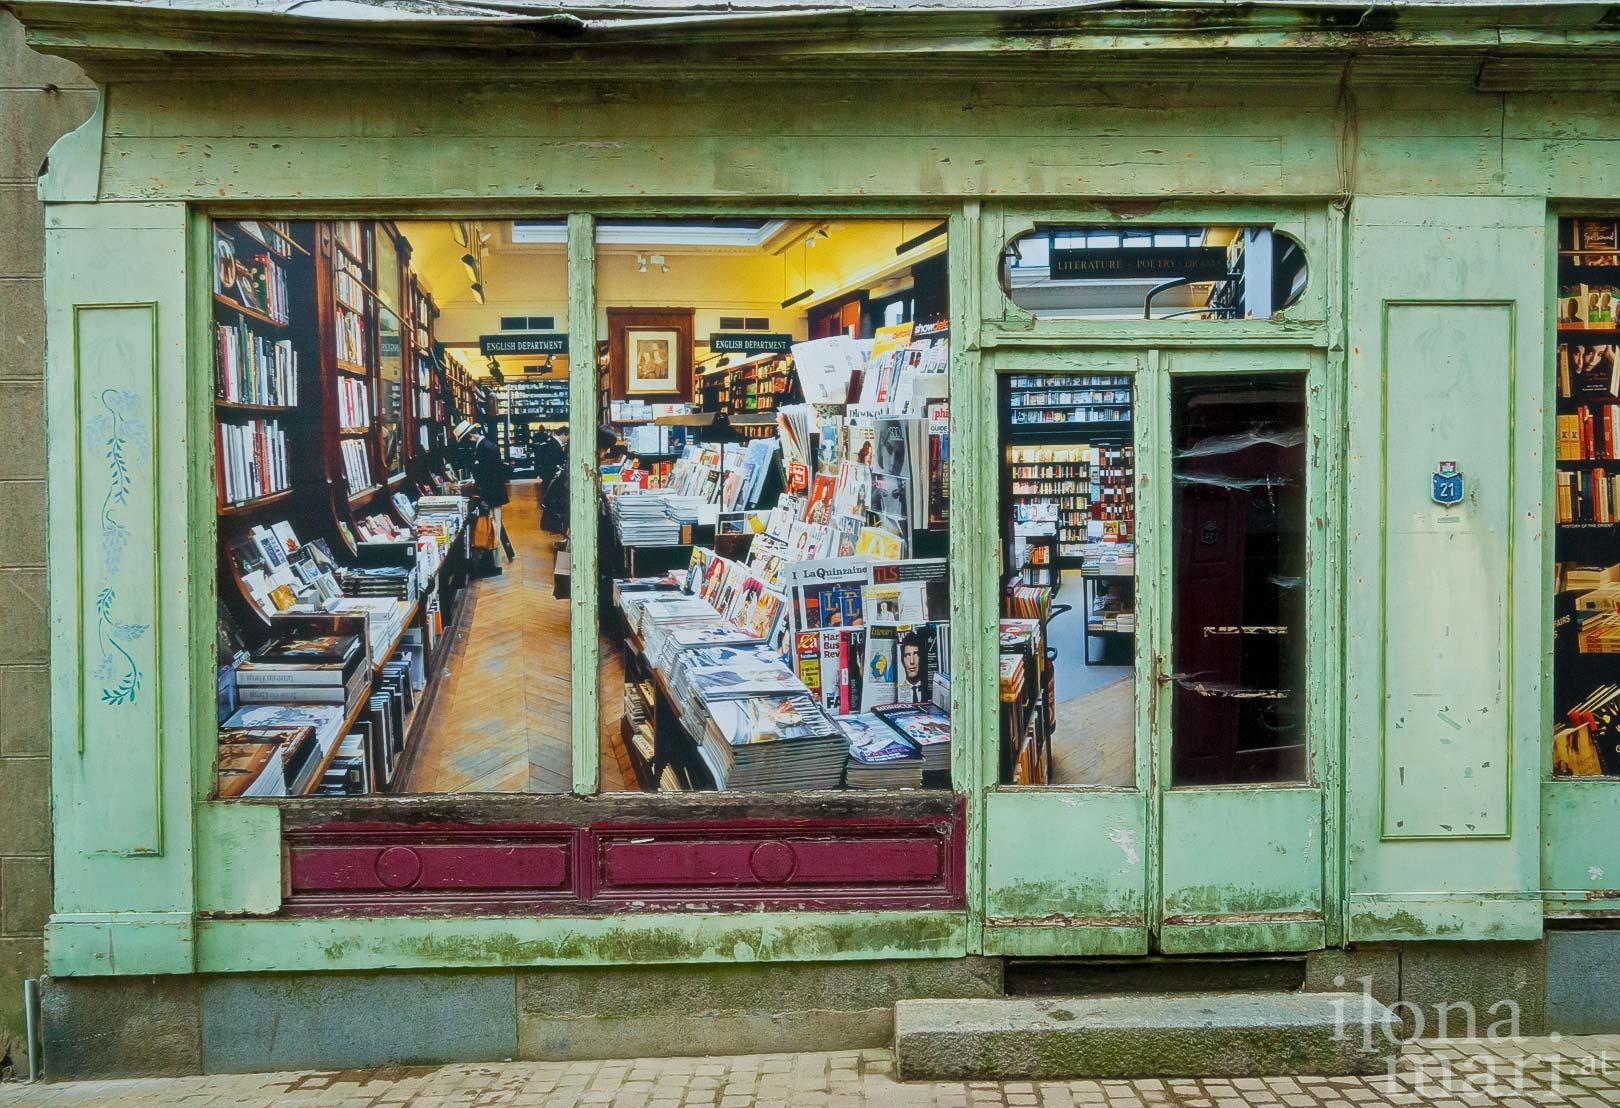 Alte Fassade eines Buchladens in der Altstadt von Domfront (Normandie)